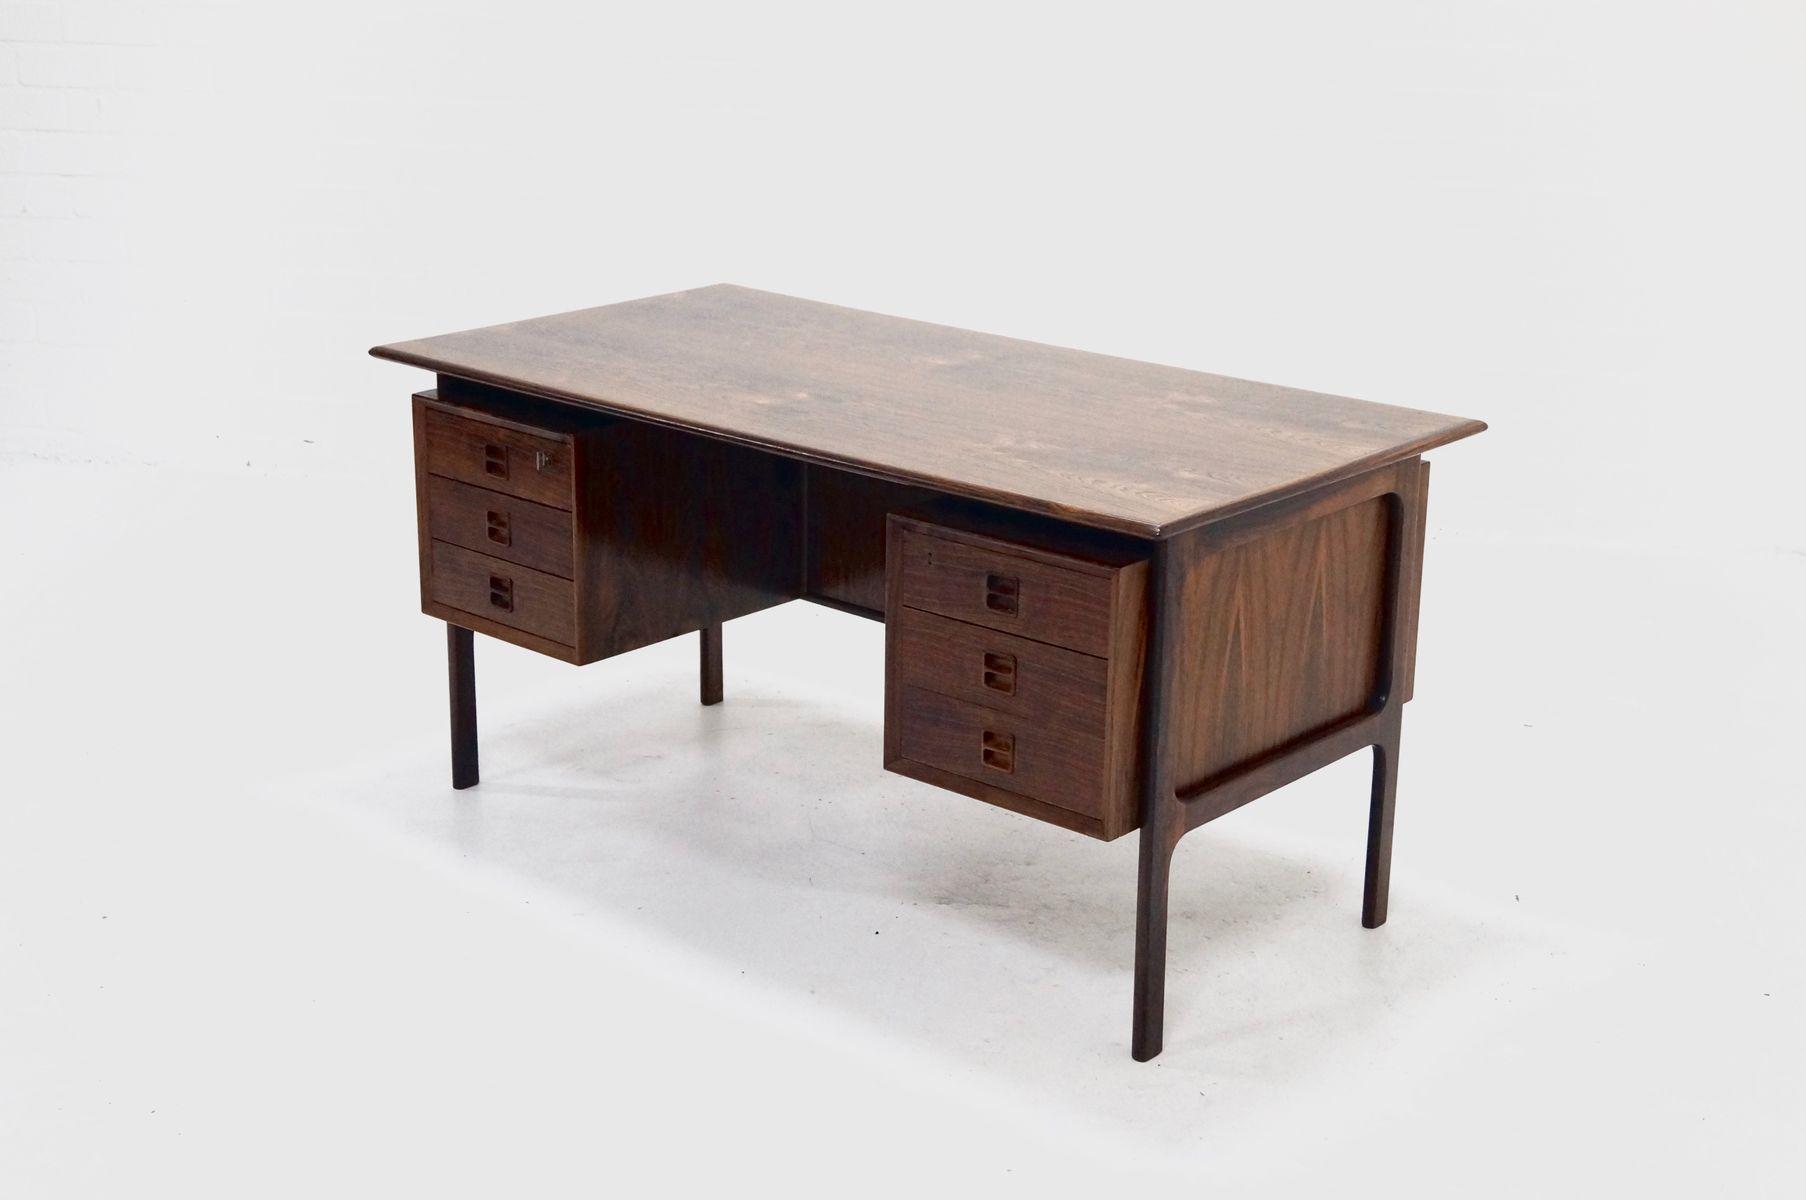 d nischer mid century palisander schreibtisch von arne. Black Bedroom Furniture Sets. Home Design Ideas